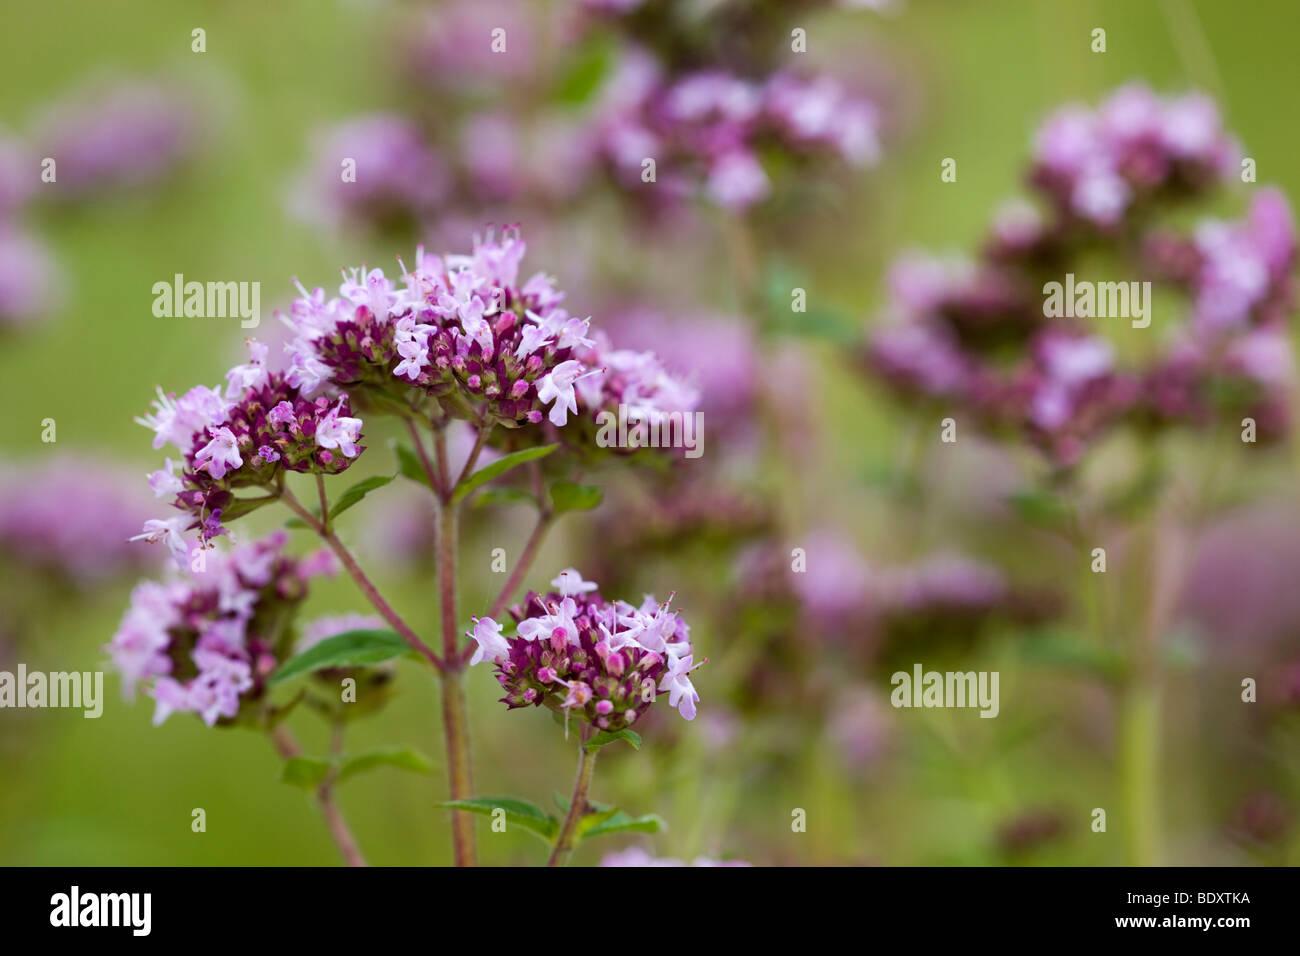 marjoram; Origanum vulgare - Stock Image